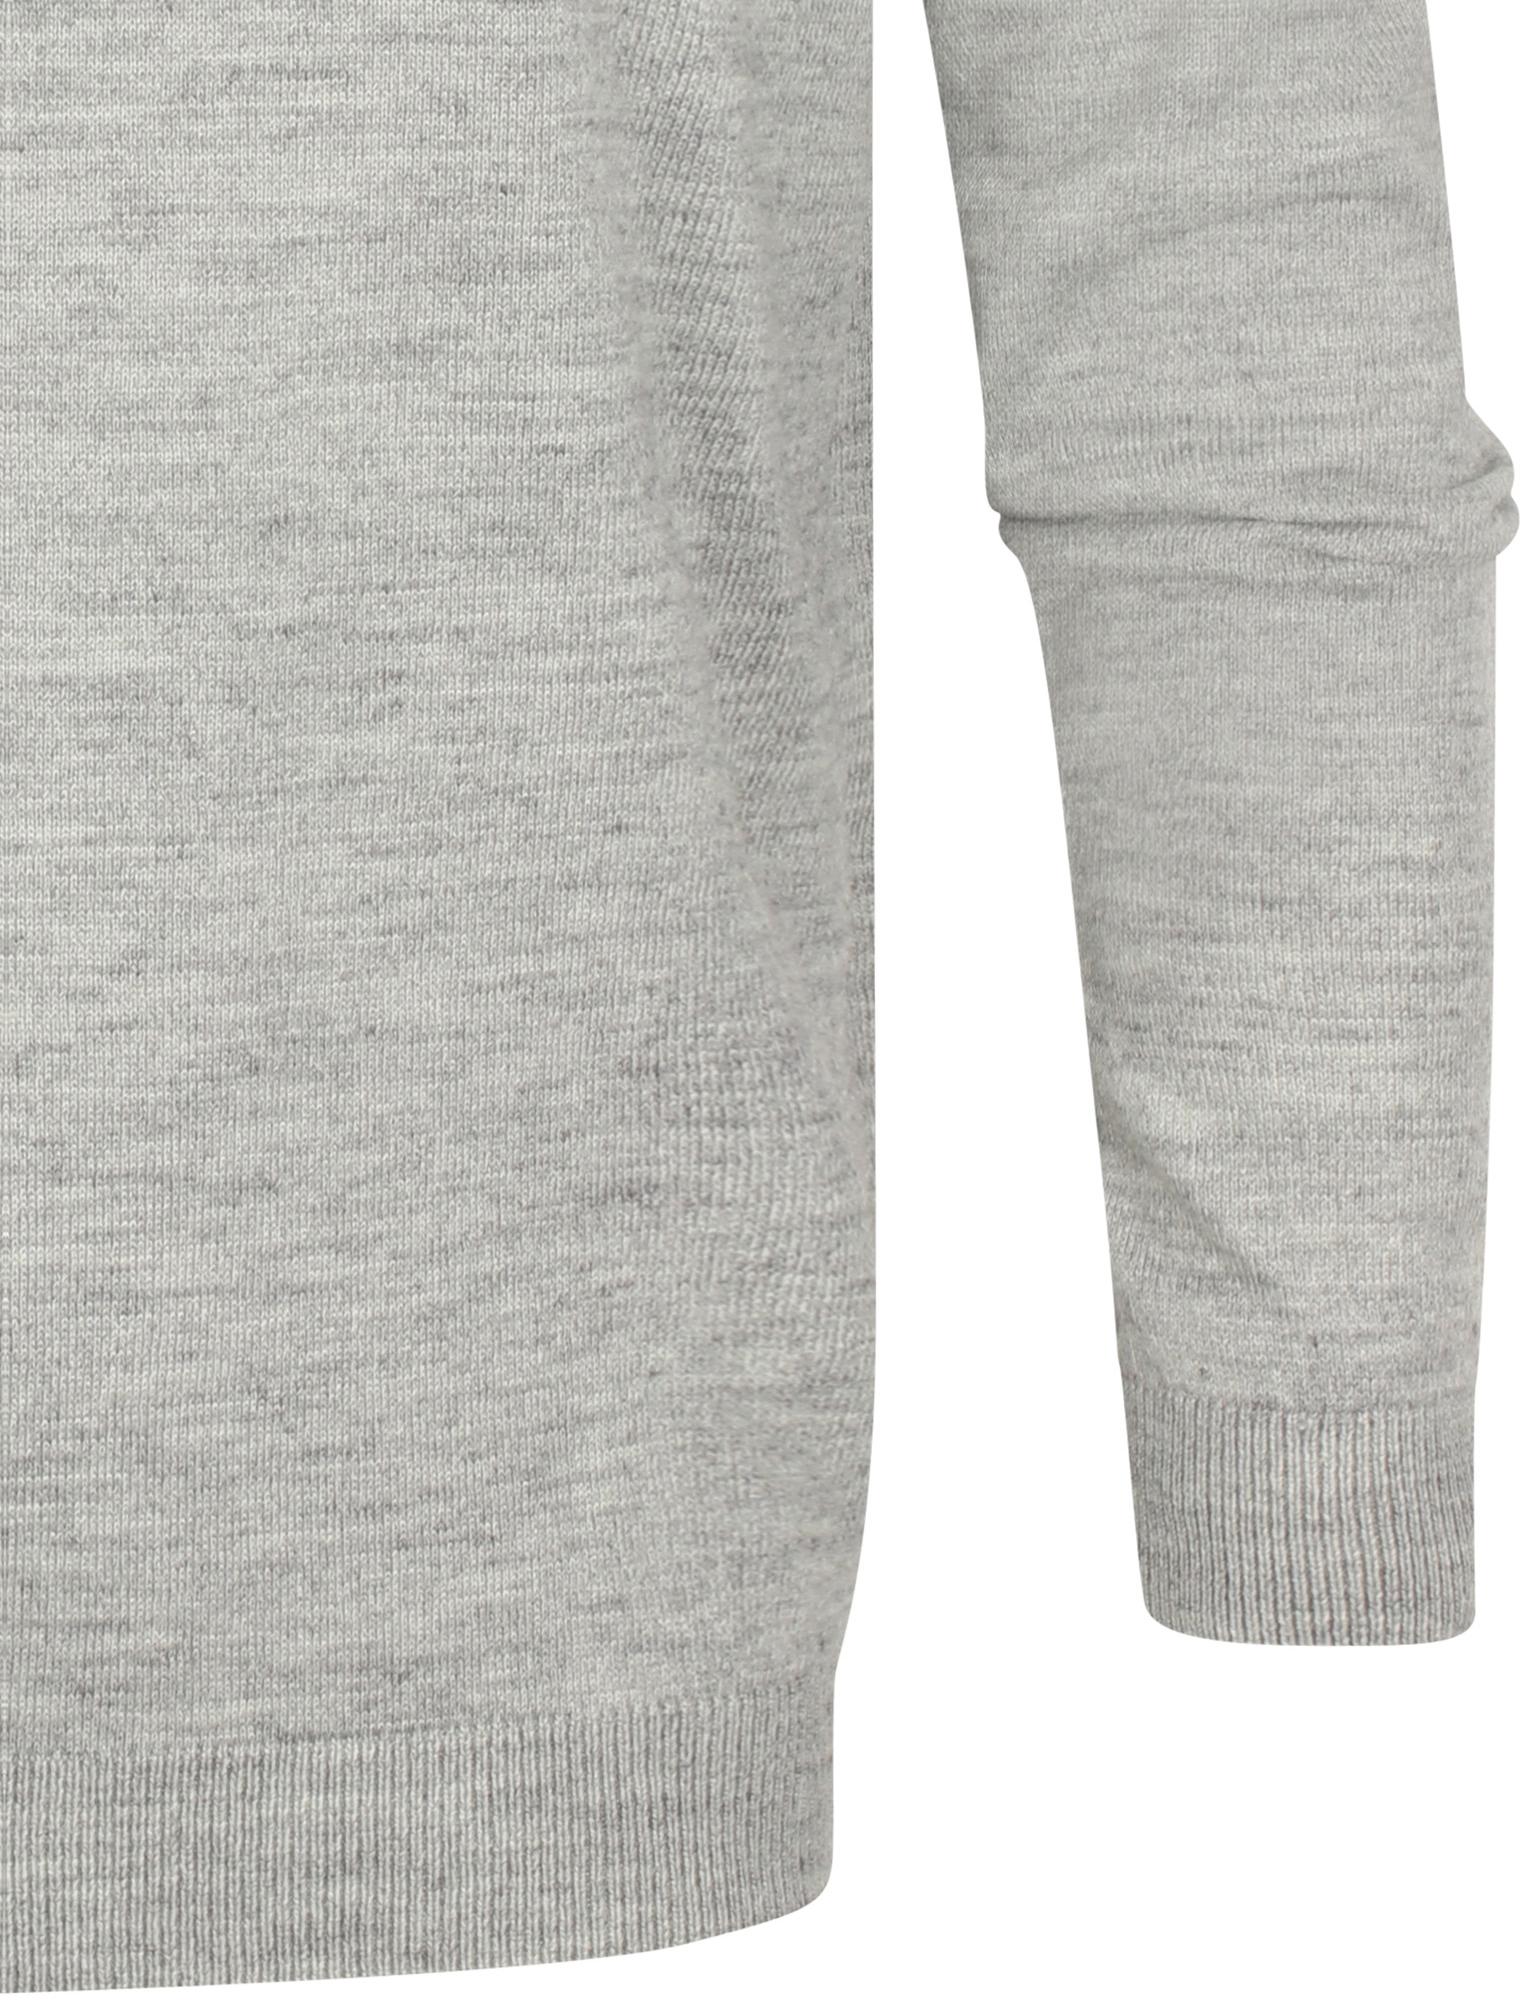 Kensington-Eastside-Men-039-s-Wool-Blend-Knitted-Crew-or-V-Neck-Jumper-Sweater-Top thumbnail 37